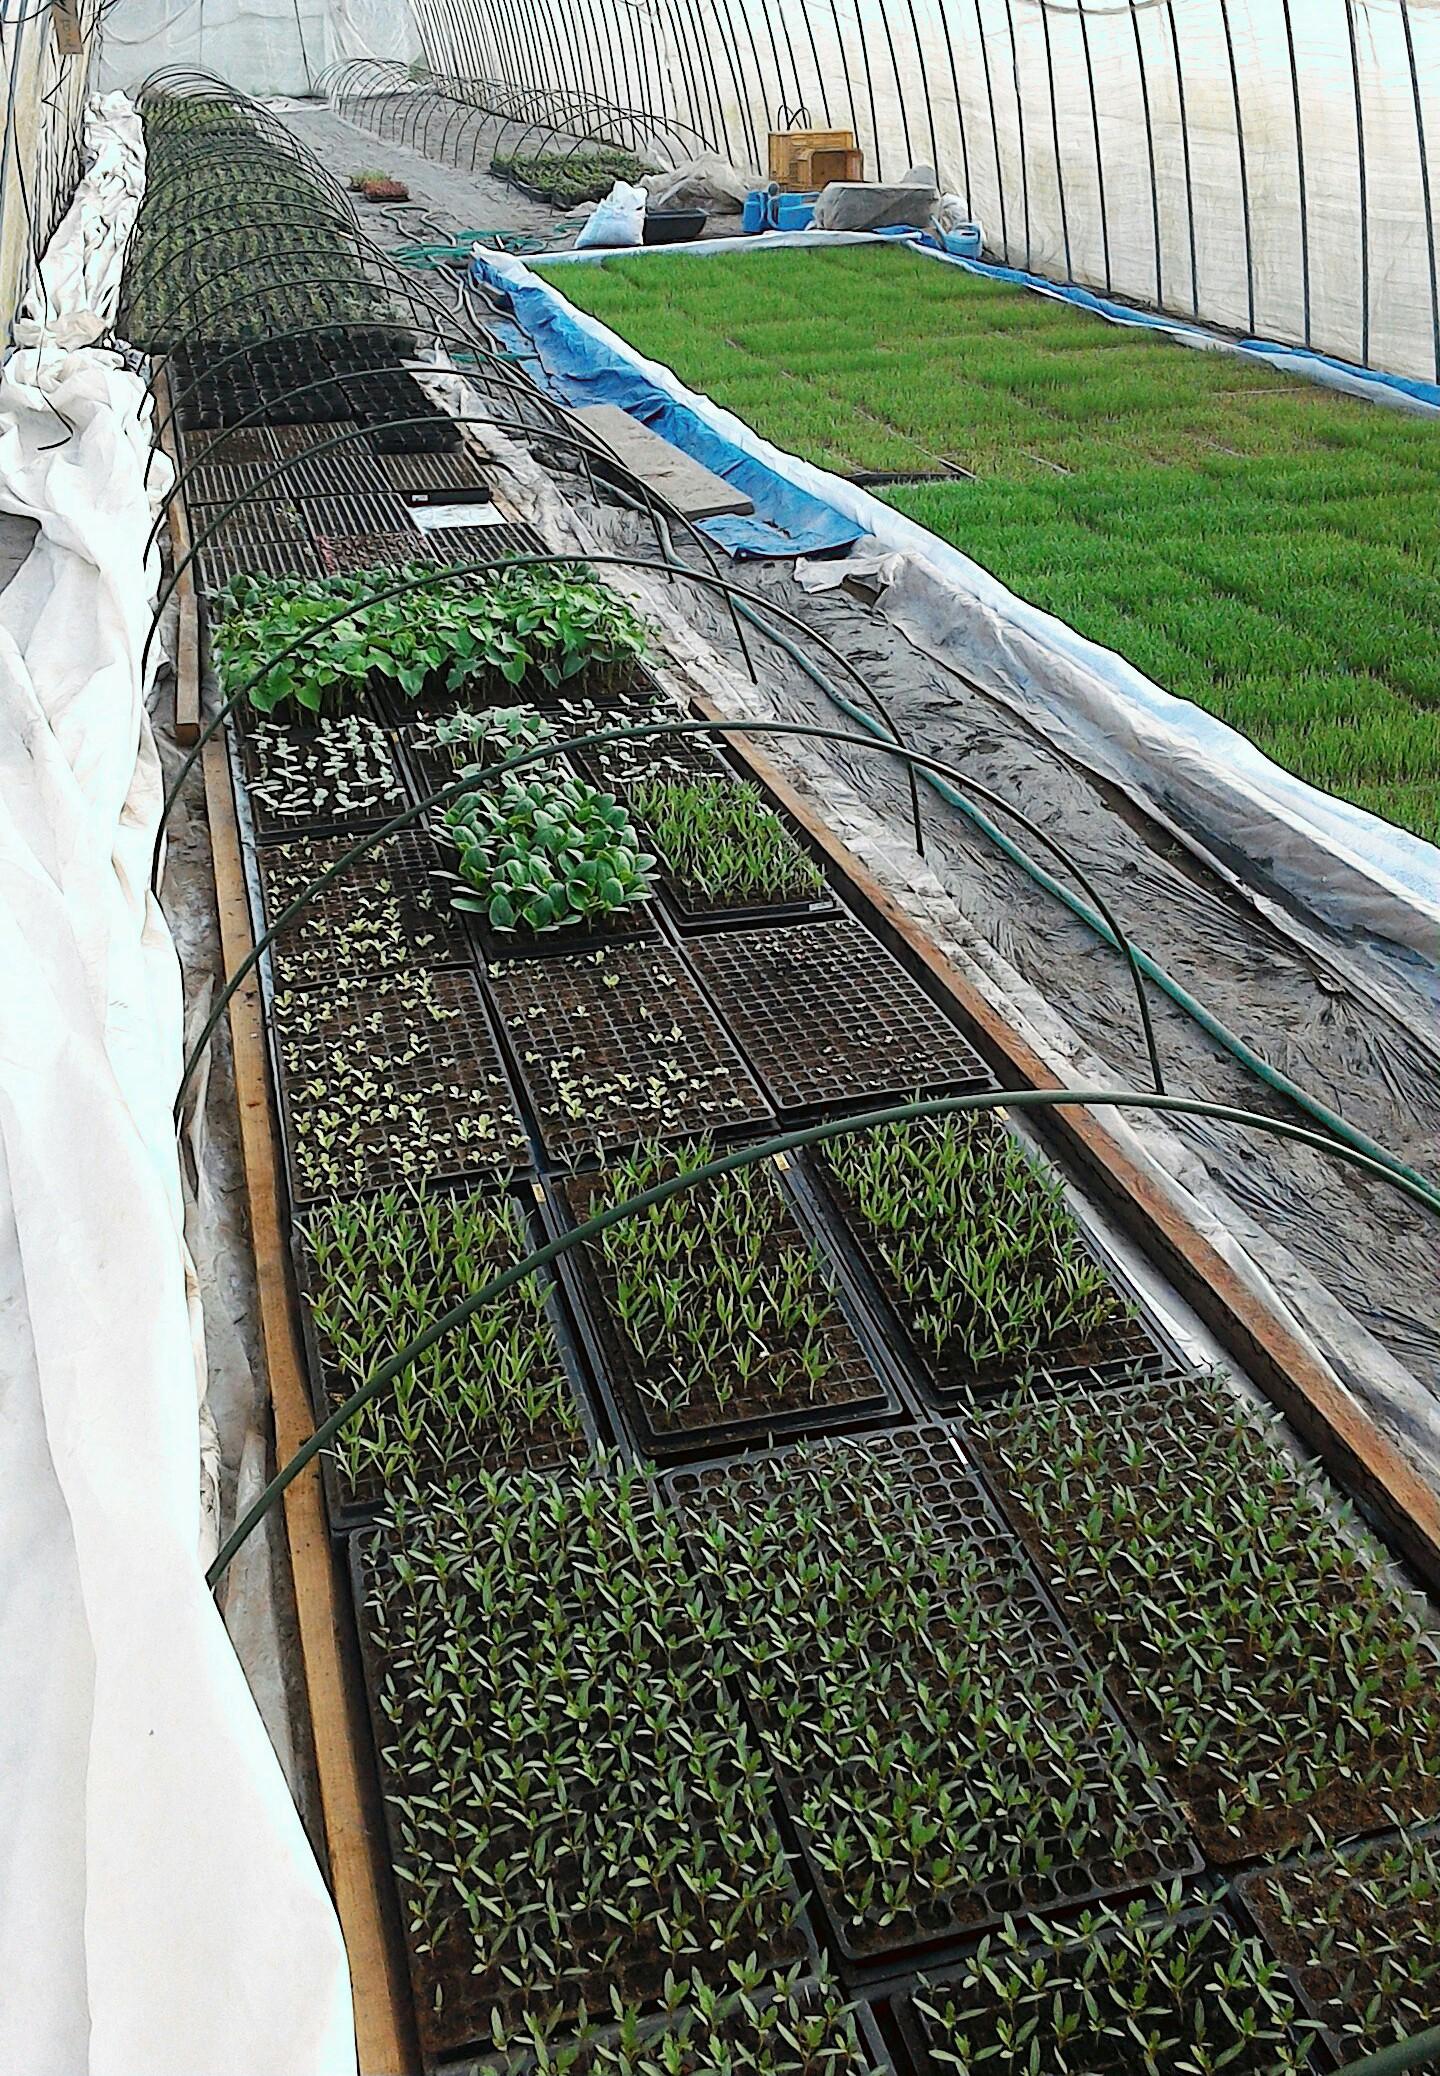 おはようございます。 お米や野菜の苗さん達が元気に育ってくれています。o(^-^)o